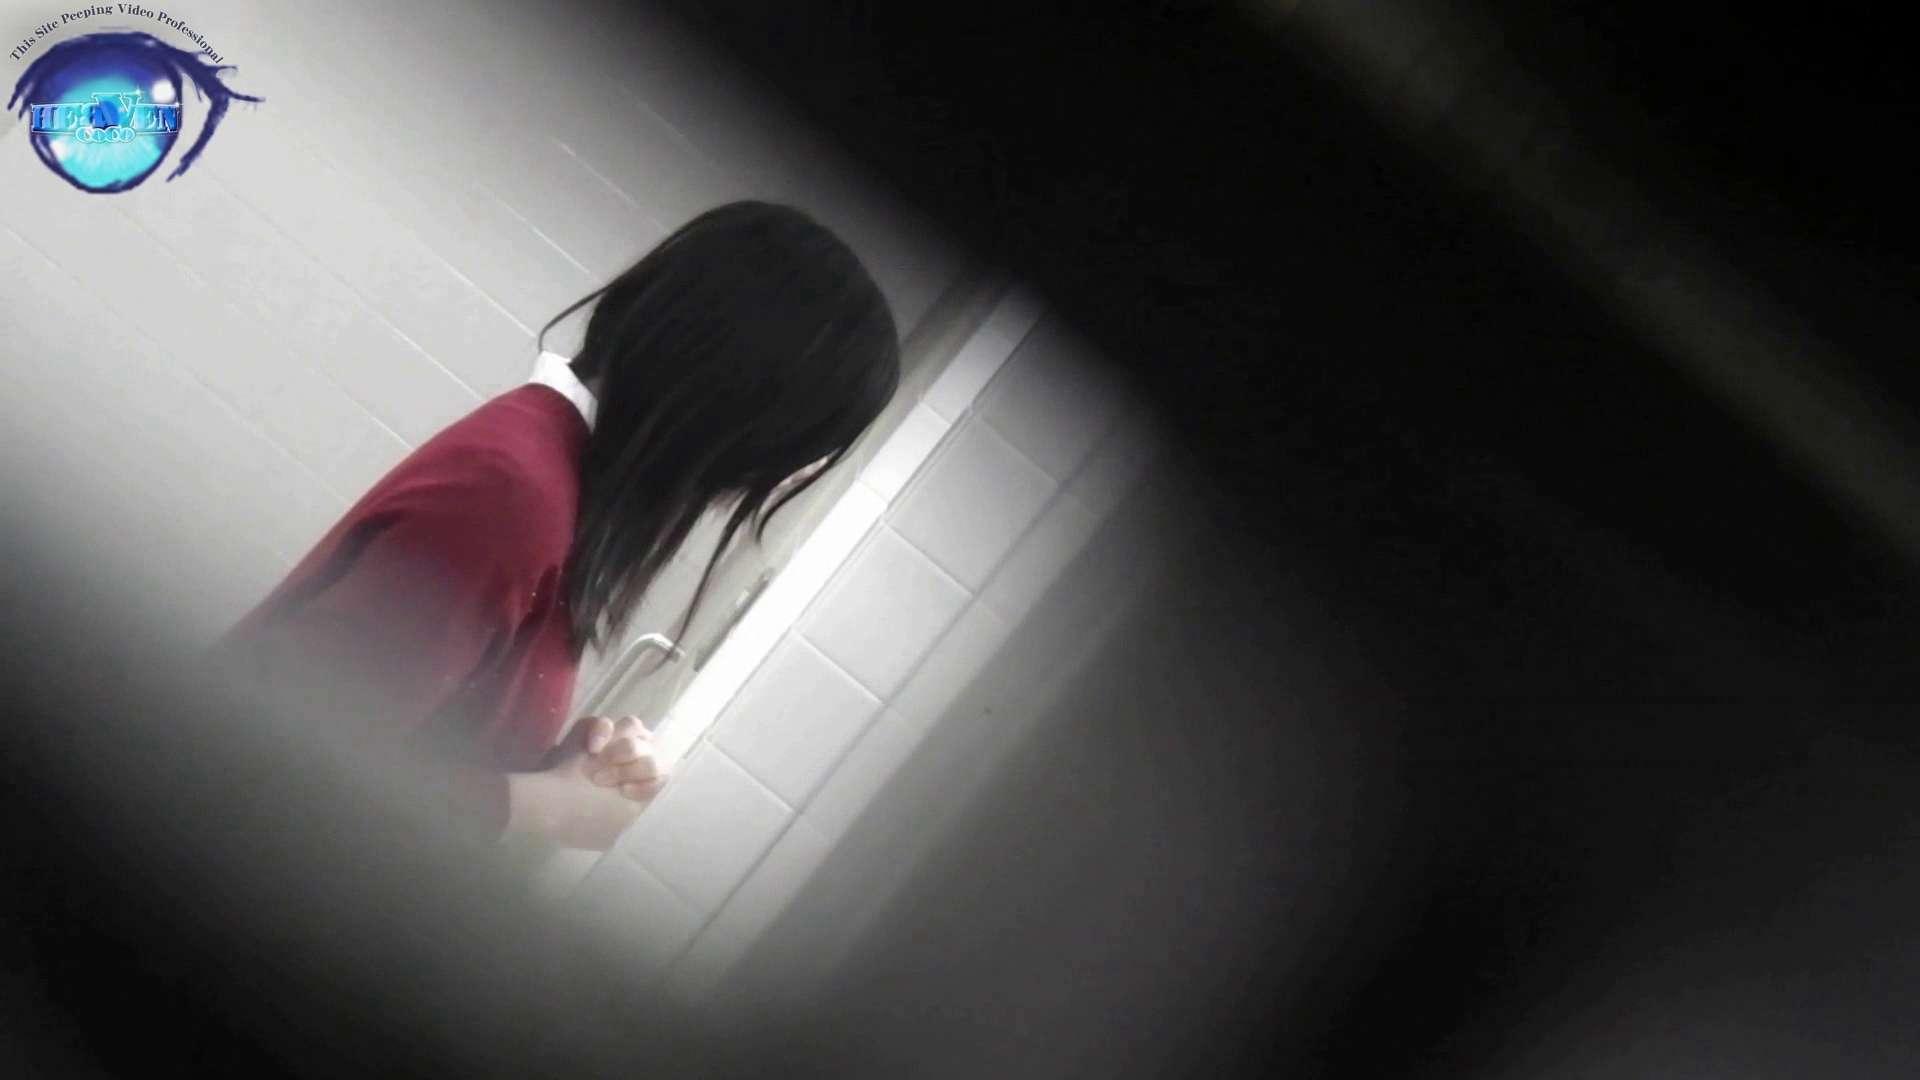 お銀さん vol.59 ピンチ!!「鏡の前で祈る女性」にばれる危機 後編 0  77連発 76